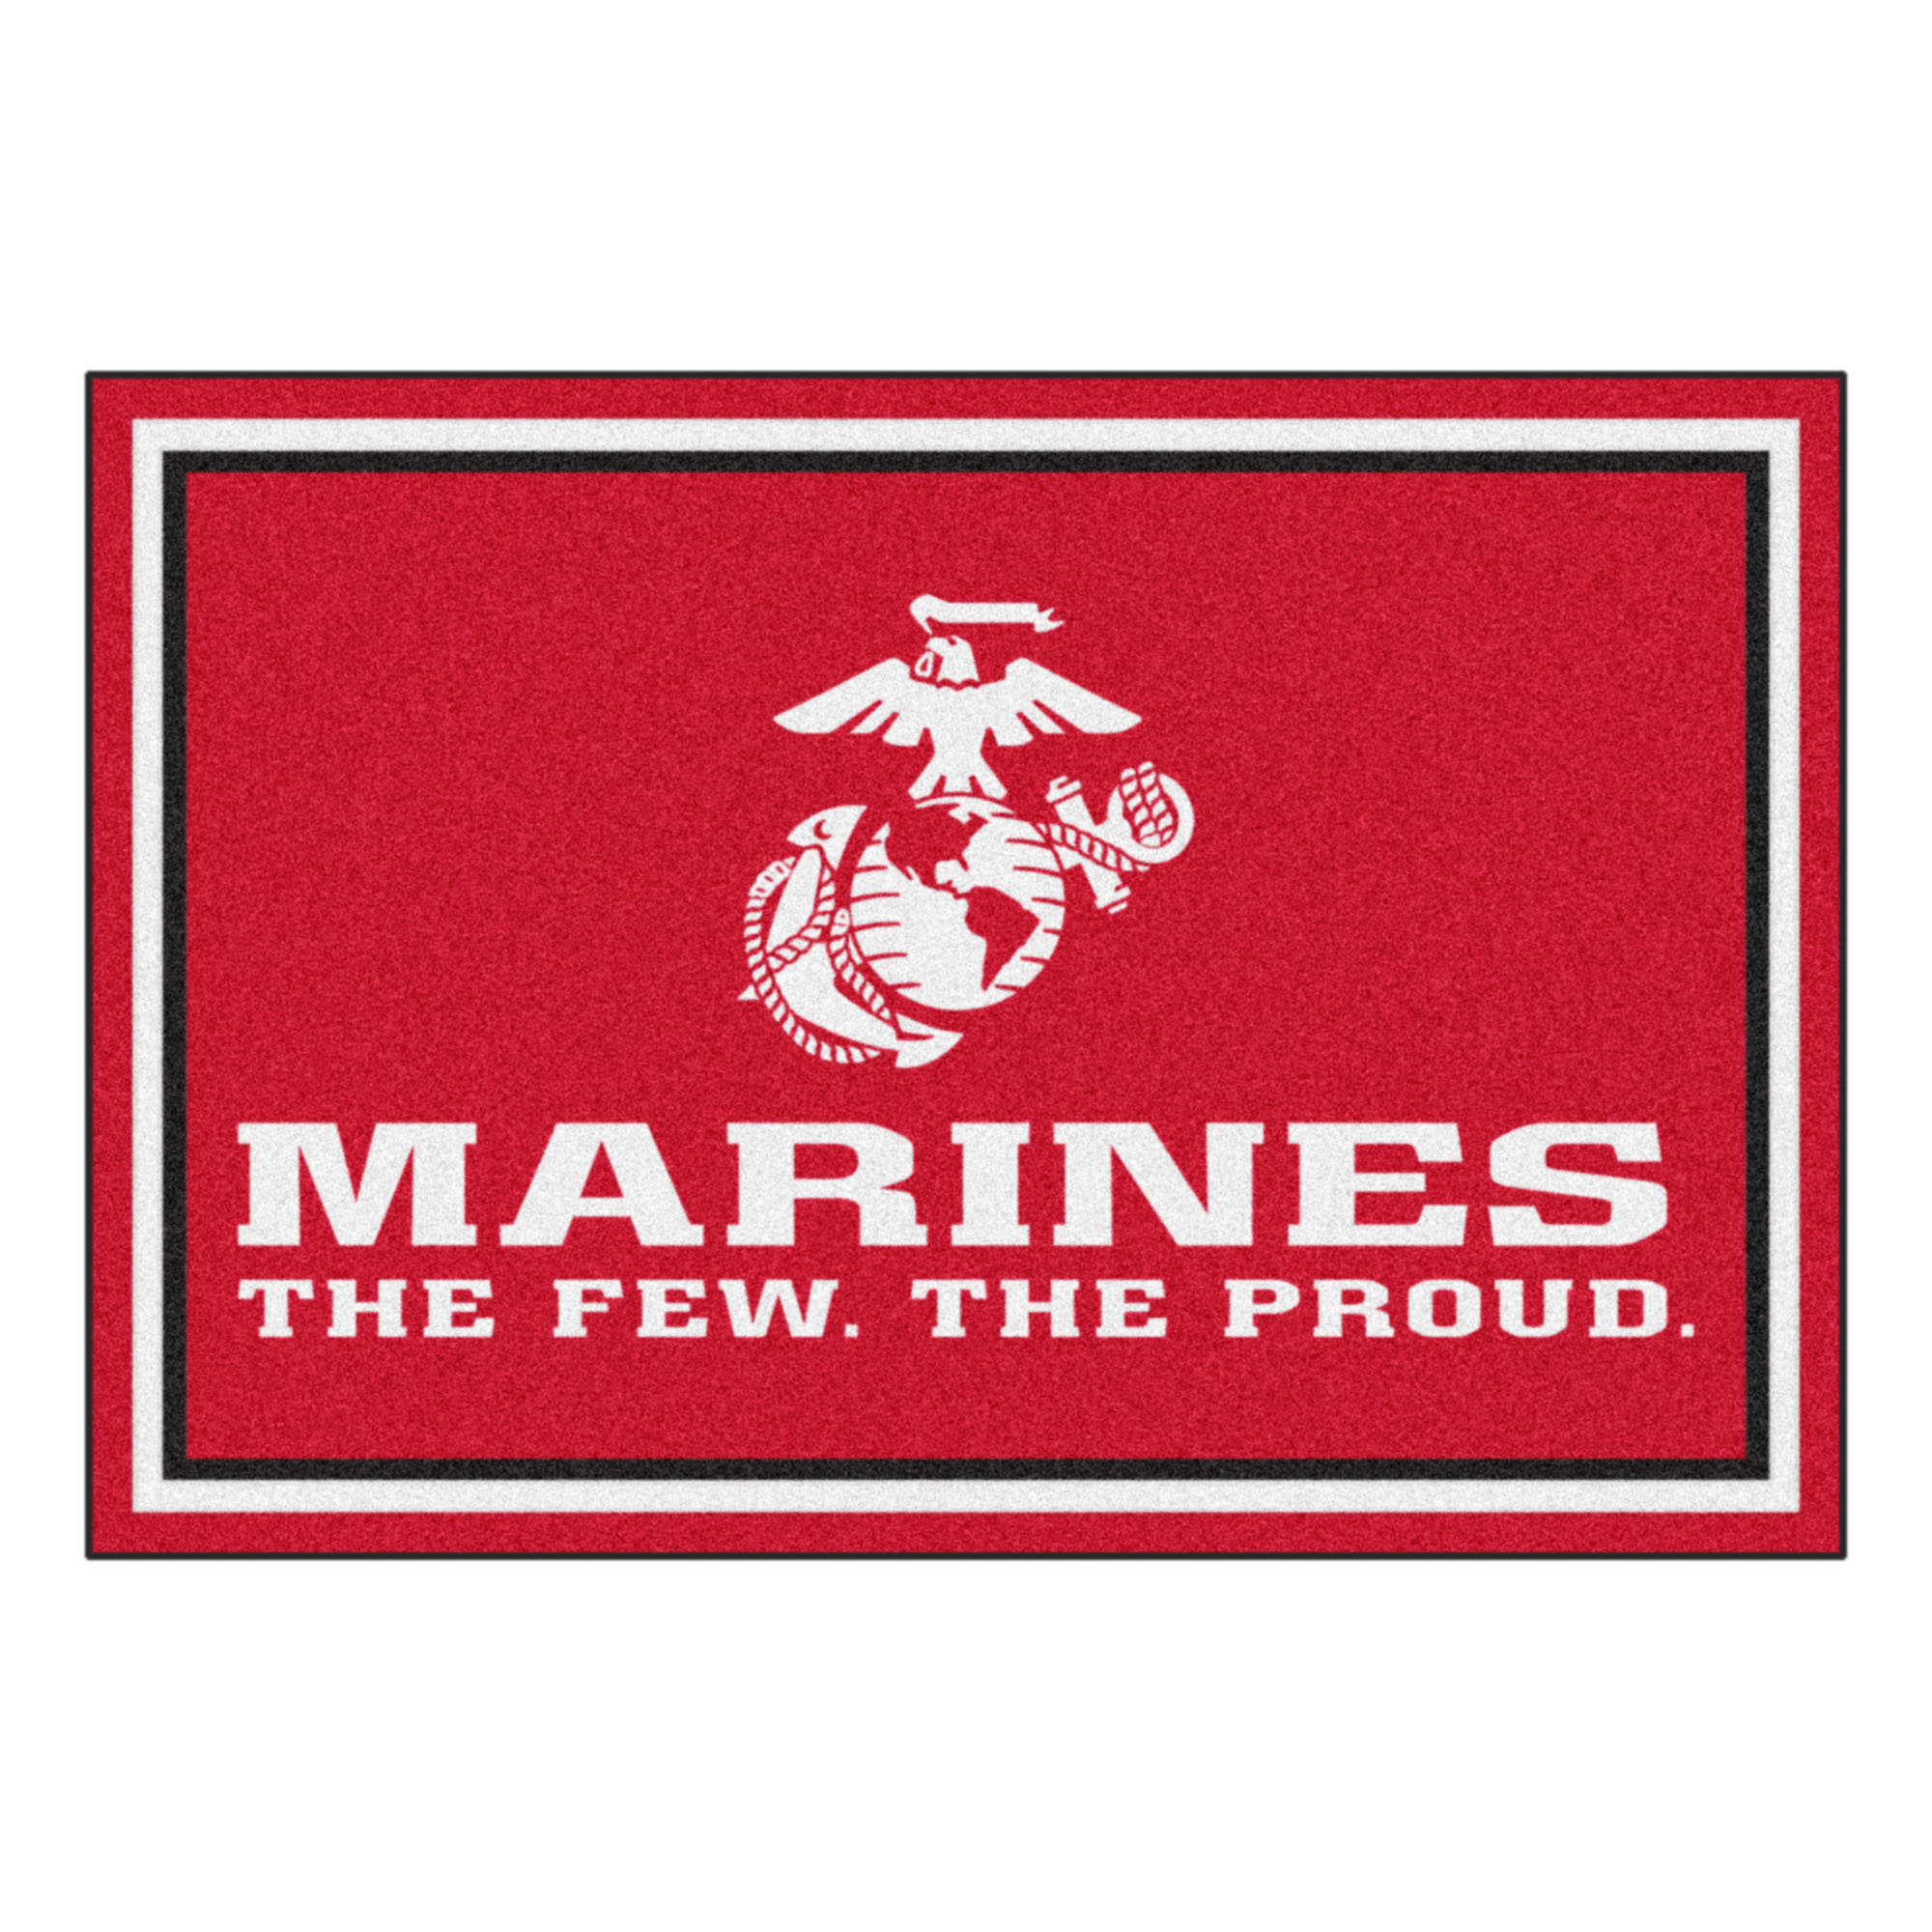 U.S. Marines 5 x 8 Foot Plush Non-Skid Area Rug